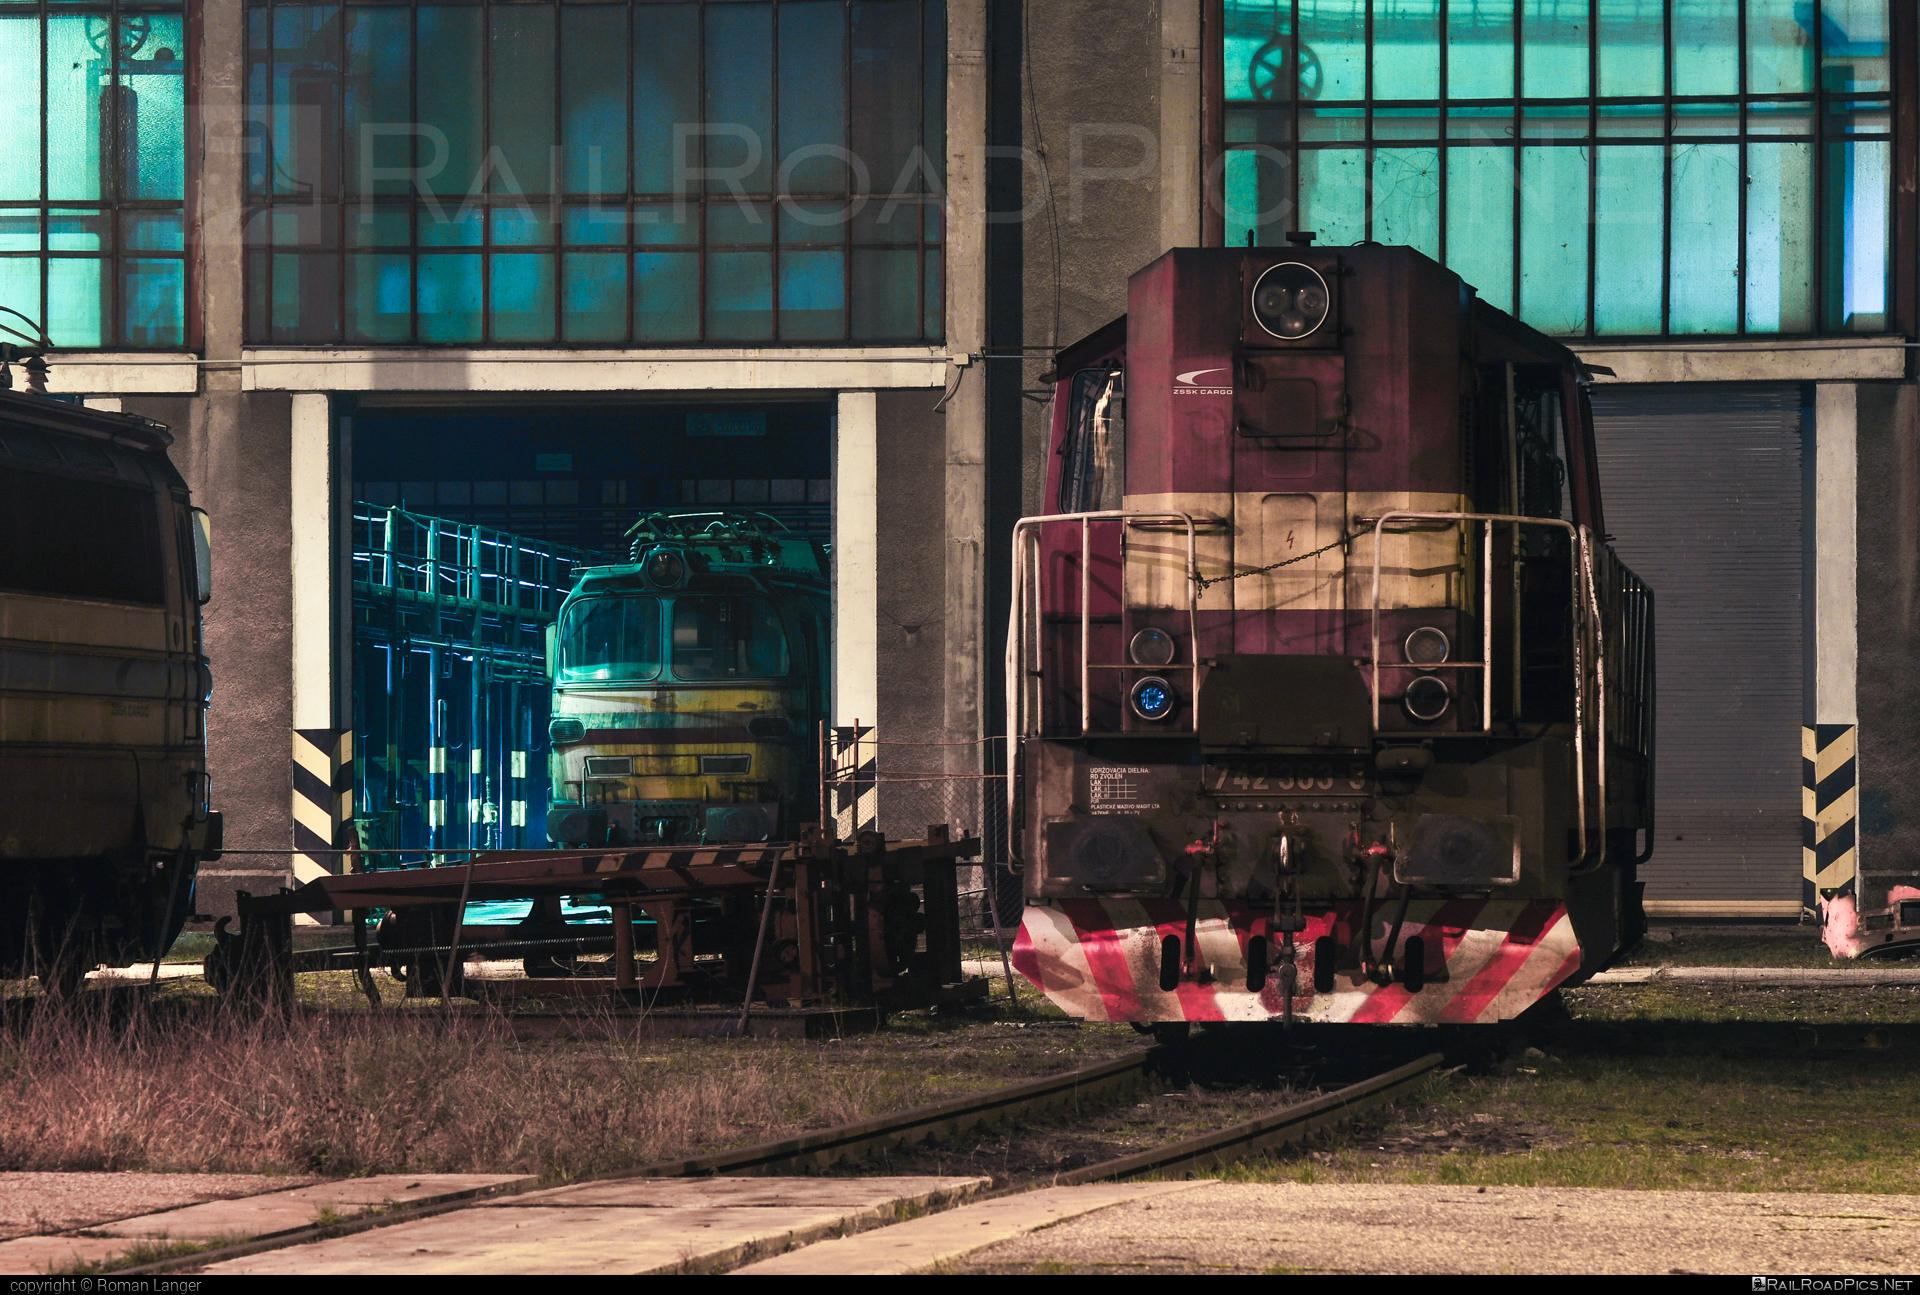 ČKD T 466.2 (742) - 742 363-5 operated by Železničná Spoločnost' Cargo Slovakia a.s. #ZeleznicnaSpolocnostCargoSlovakia #ckd #ckd4662 #ckd742 #ckdt4662 #kocur #zsskcargo